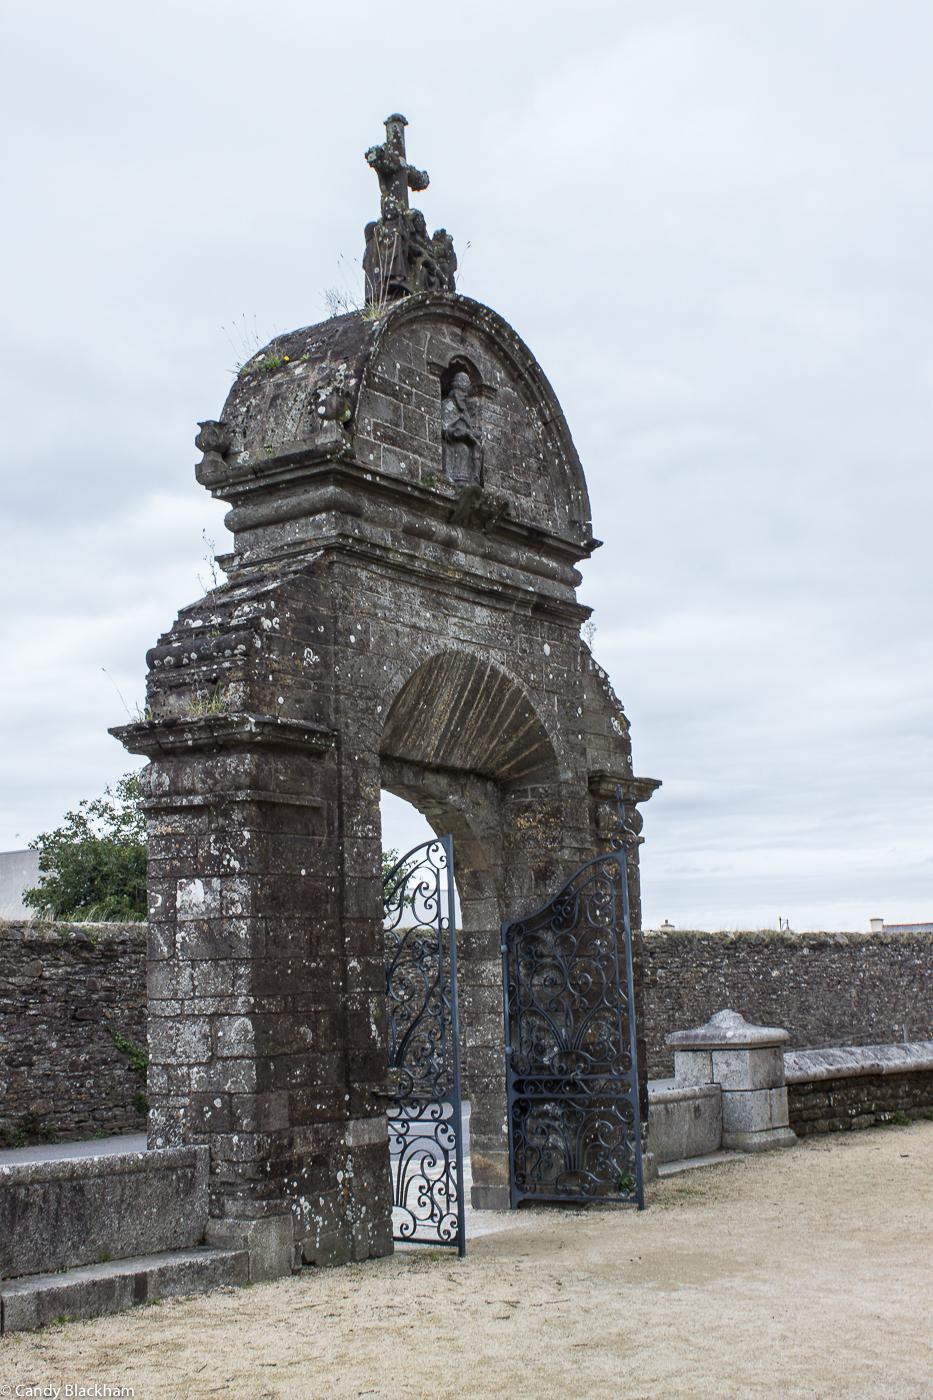 The Triumphal Arch at Pleyben